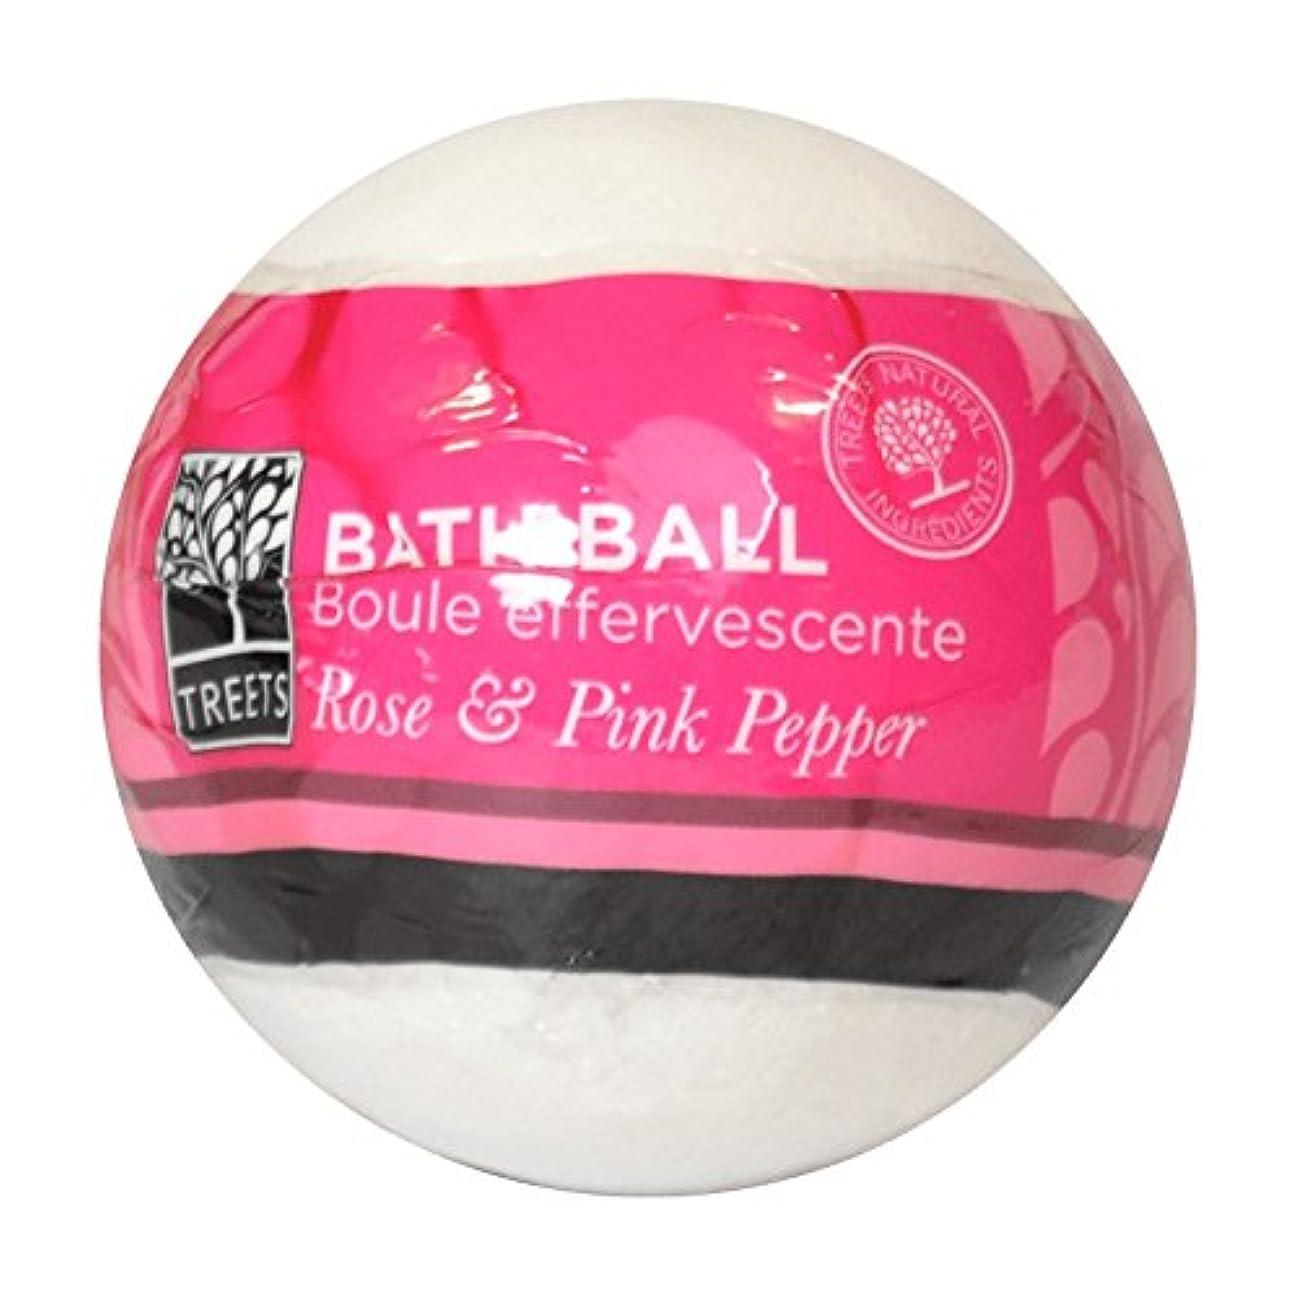 日人柄メッセンジャーTreetsローズ&ピンクペッパーバスボール180グラム - Treets Rose & Pink Pepper Bath Ball 180g (Treets) [並行輸入品]